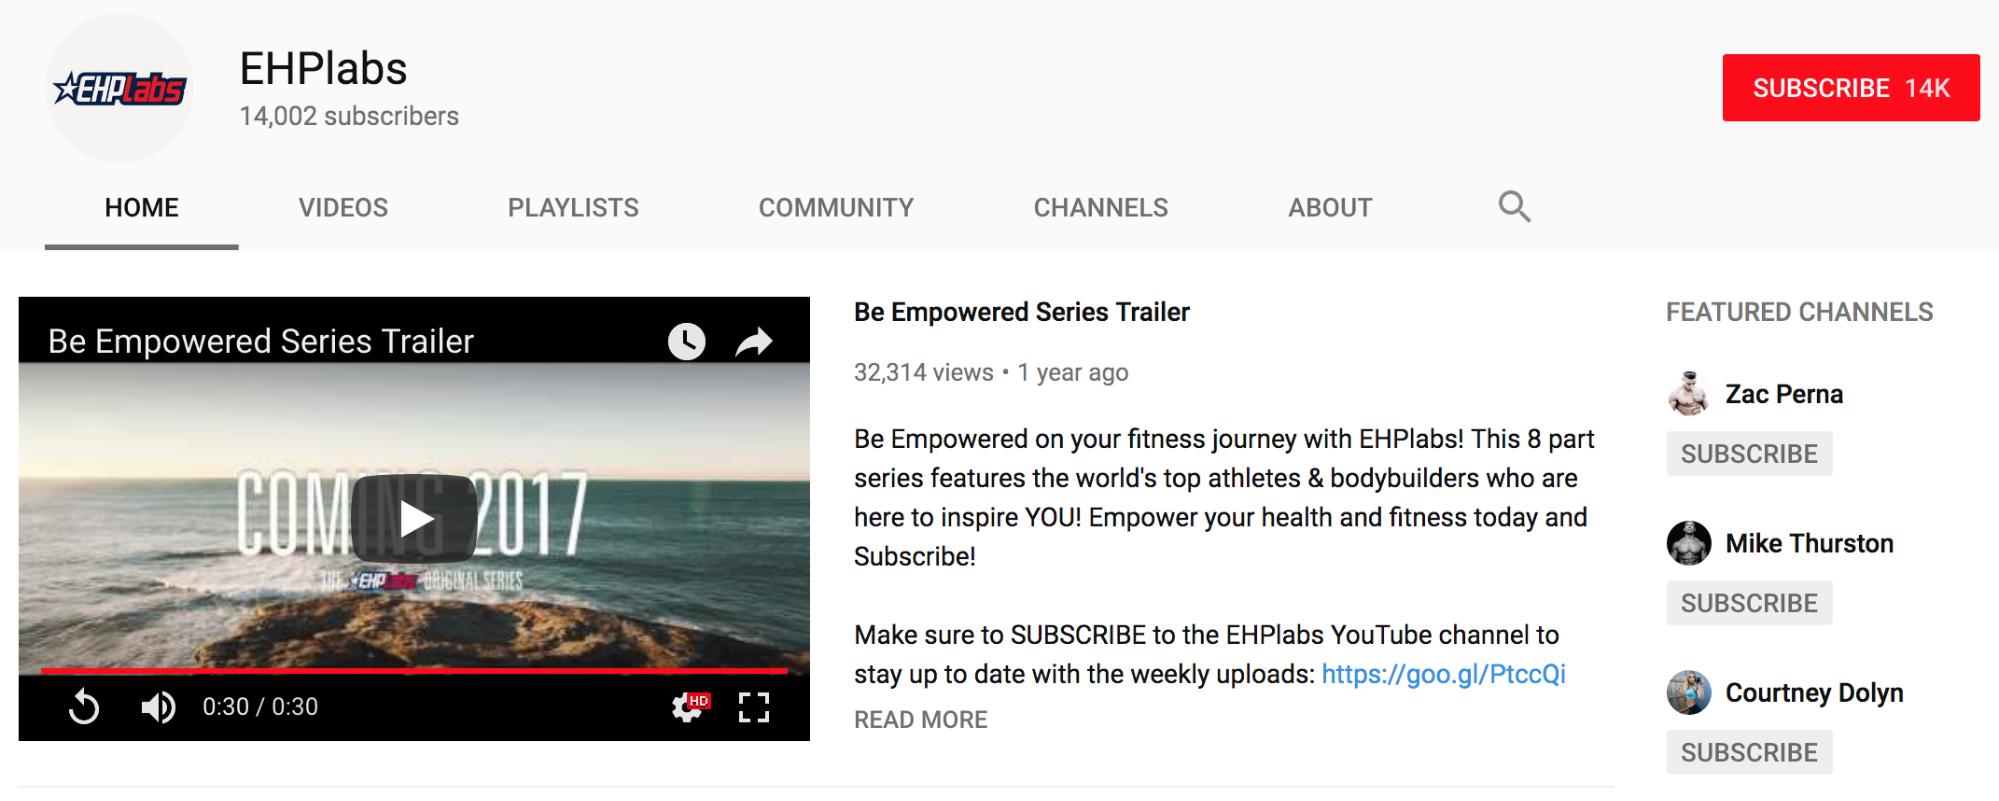 Screenshot showing a Youtube profile